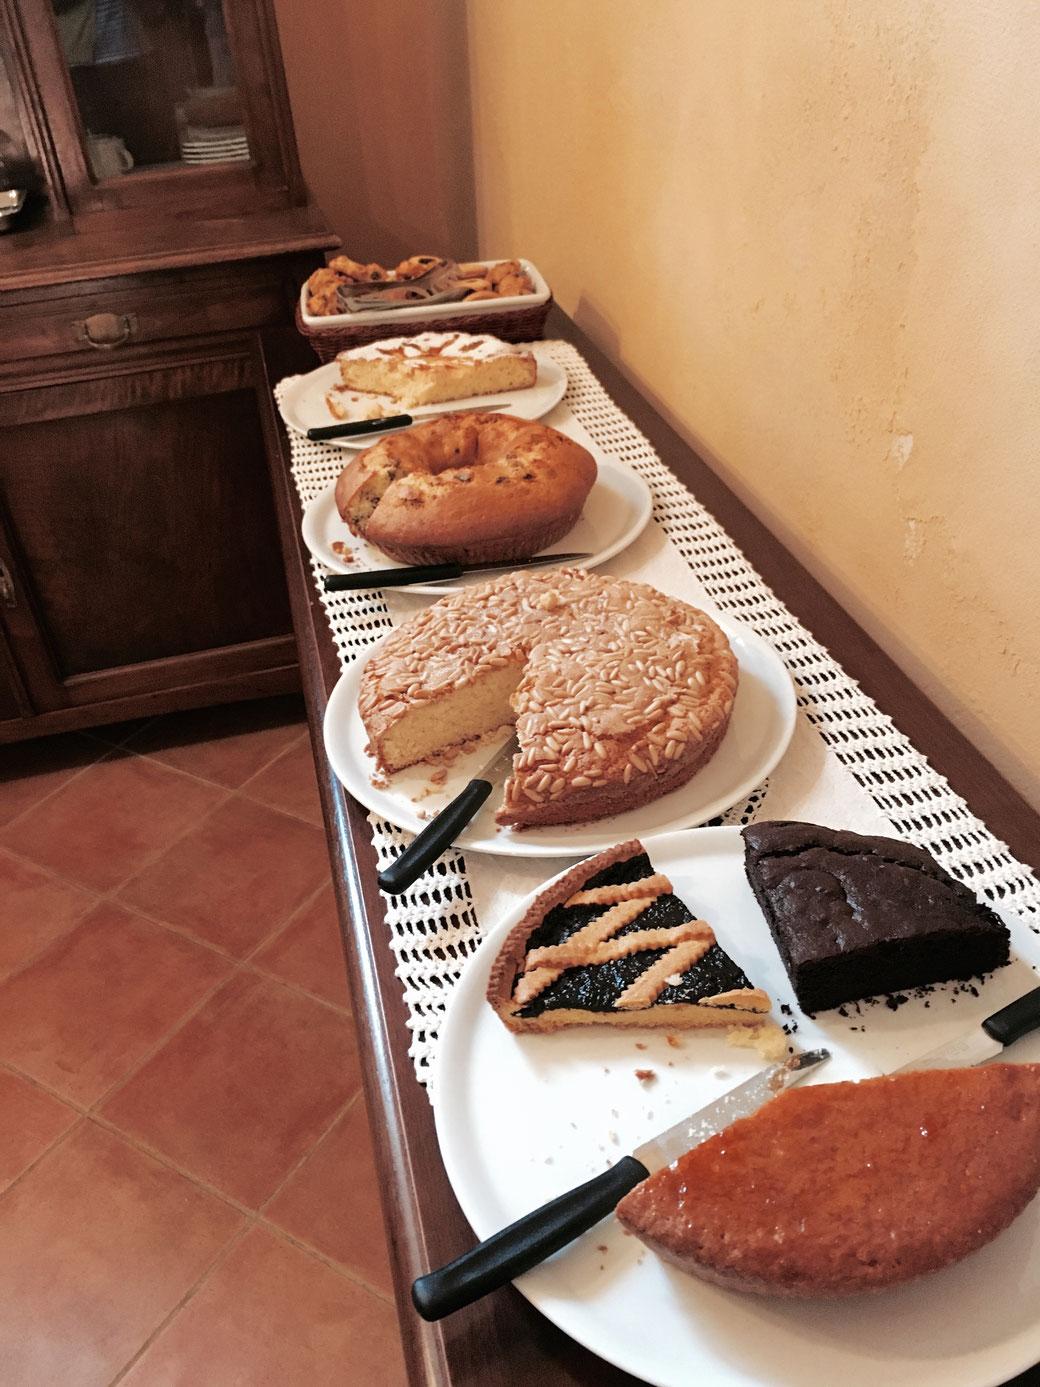 Das morgendliche Kuchenbuffet in einem Agriturismo (Ferien auf dem Bauernhof auf italienisch) in der Nähe von Montepulciano.